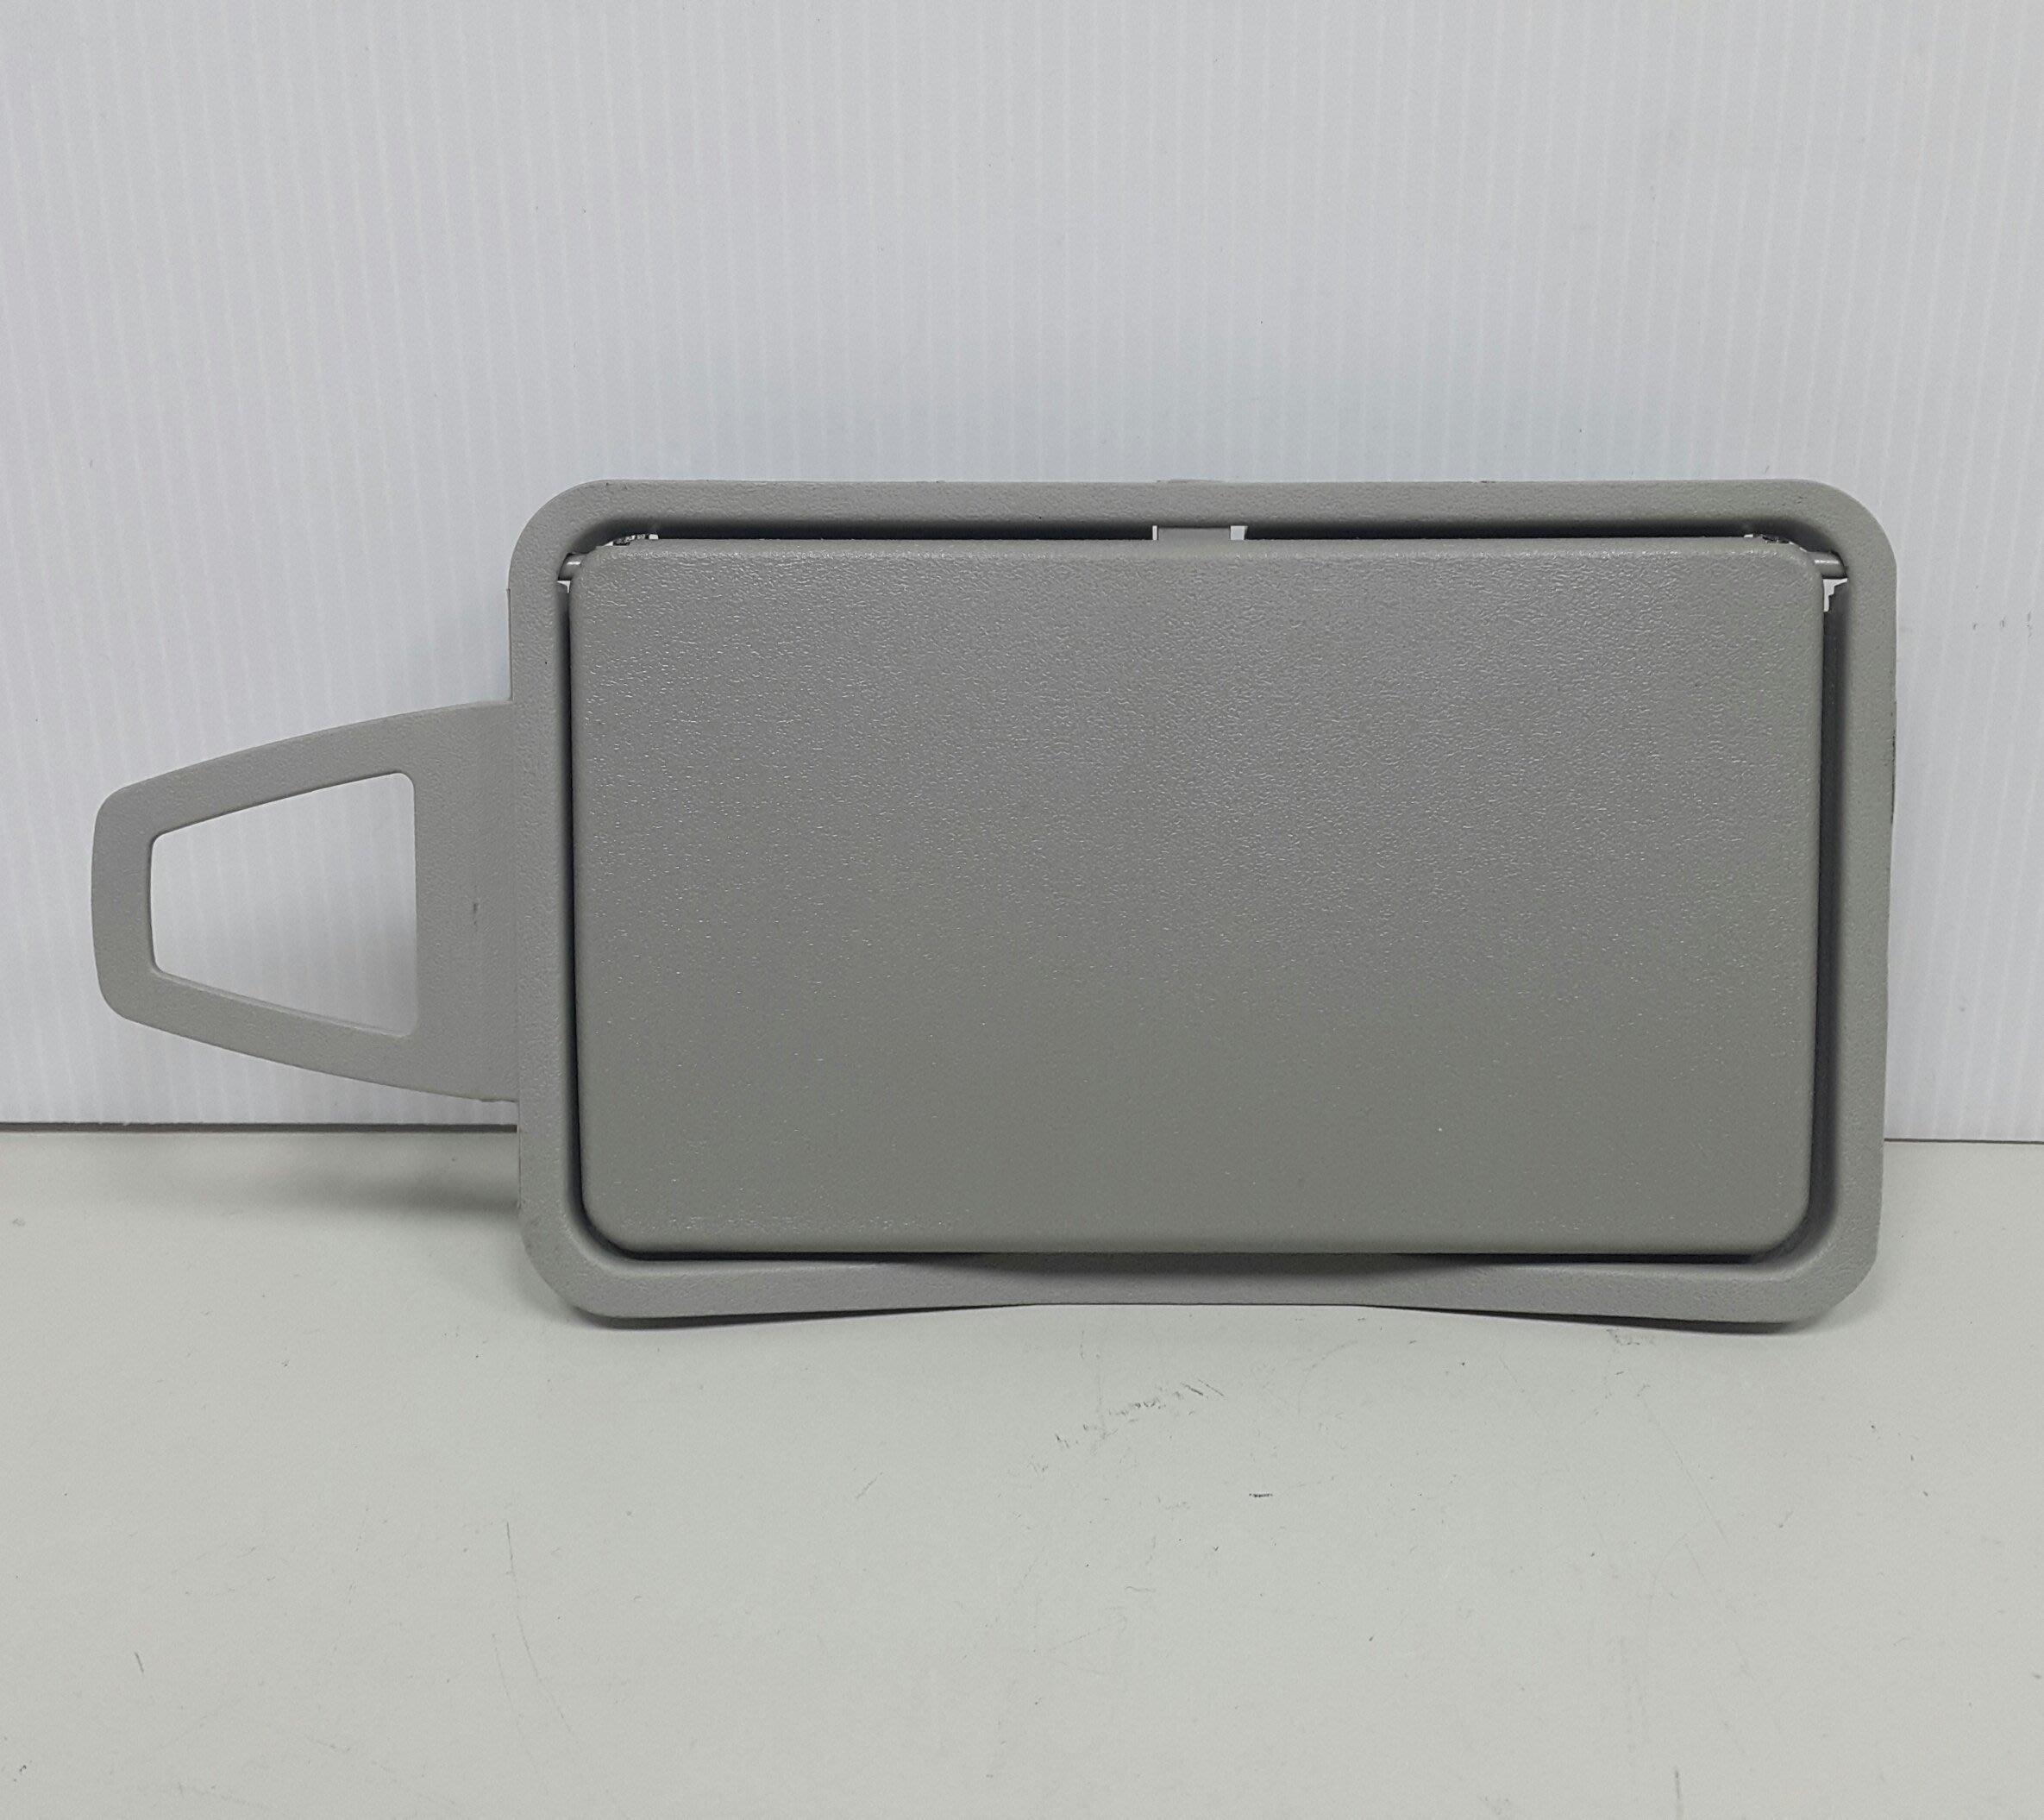 BENZ W211 2003-2008 遮陽板 化妝鏡 (右邊.乘客邊) 2118110010